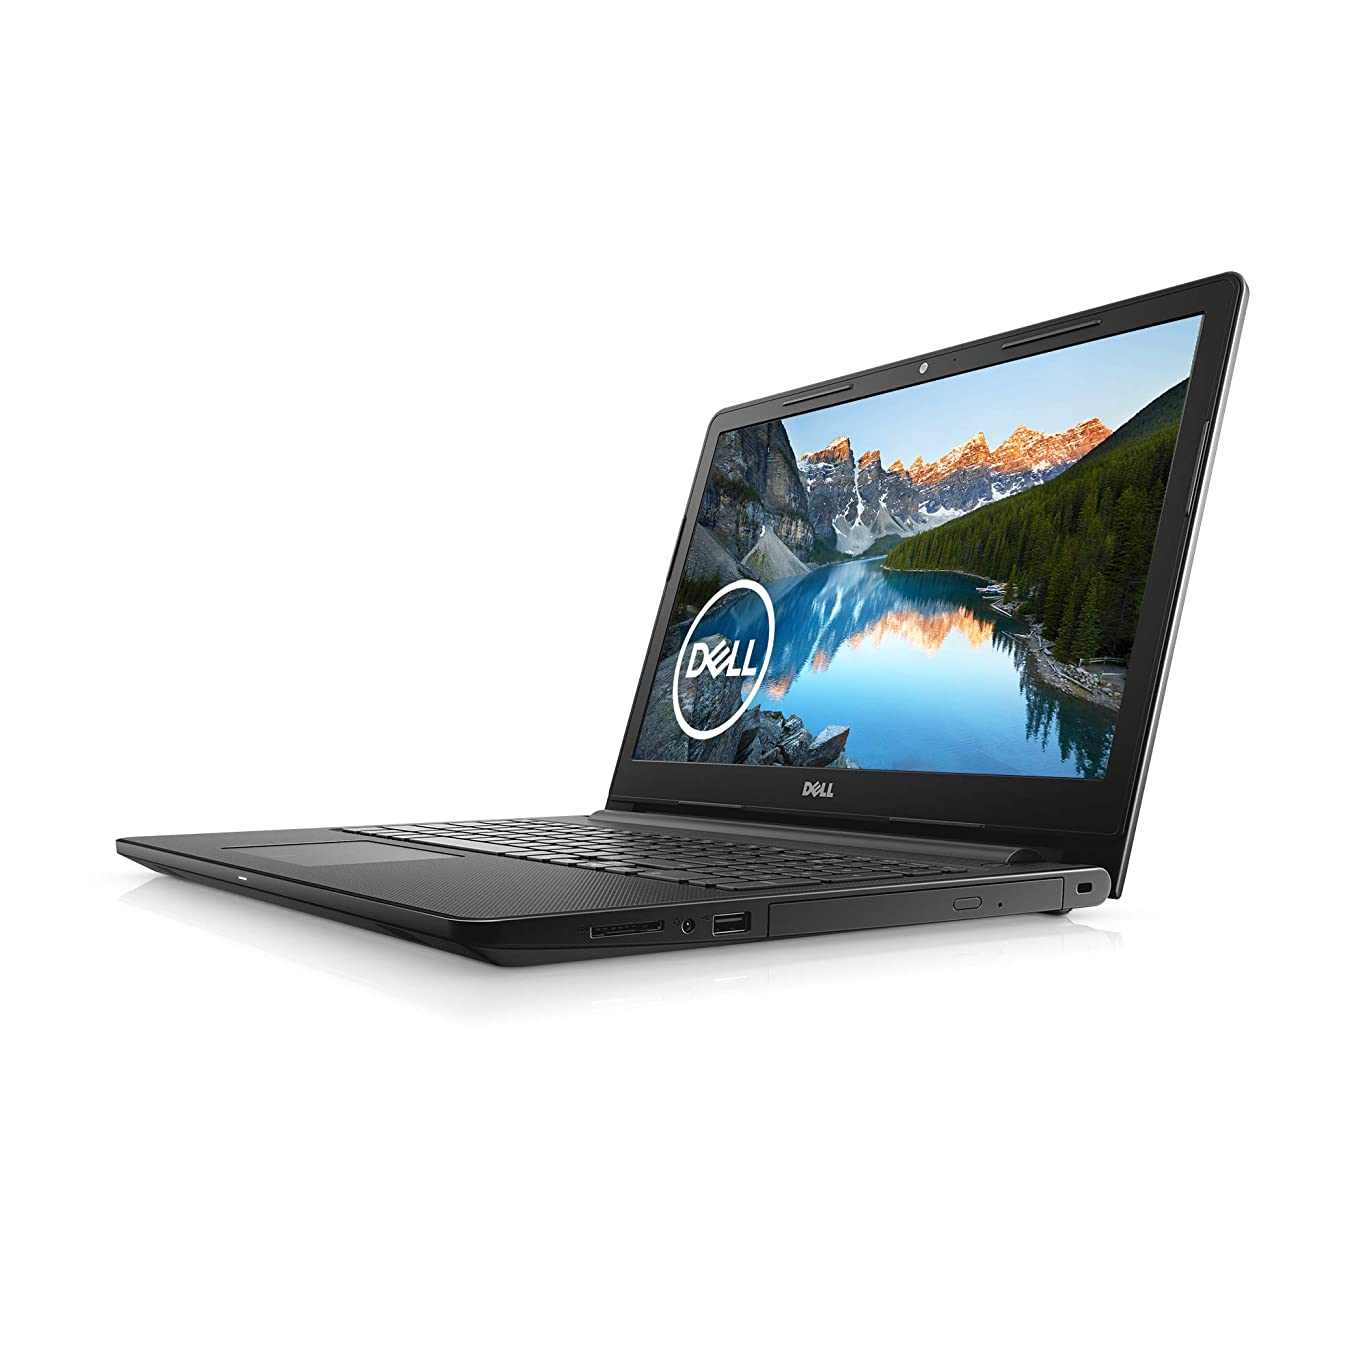 アンタゴニストぬいぐるみ崇拝しますAcer Chromebook 11 N7 C731-F12M (Celeron N3060/2GB/16GB eMMC/11.6/ Chrome OS/Officeなし/スティールグレイ)